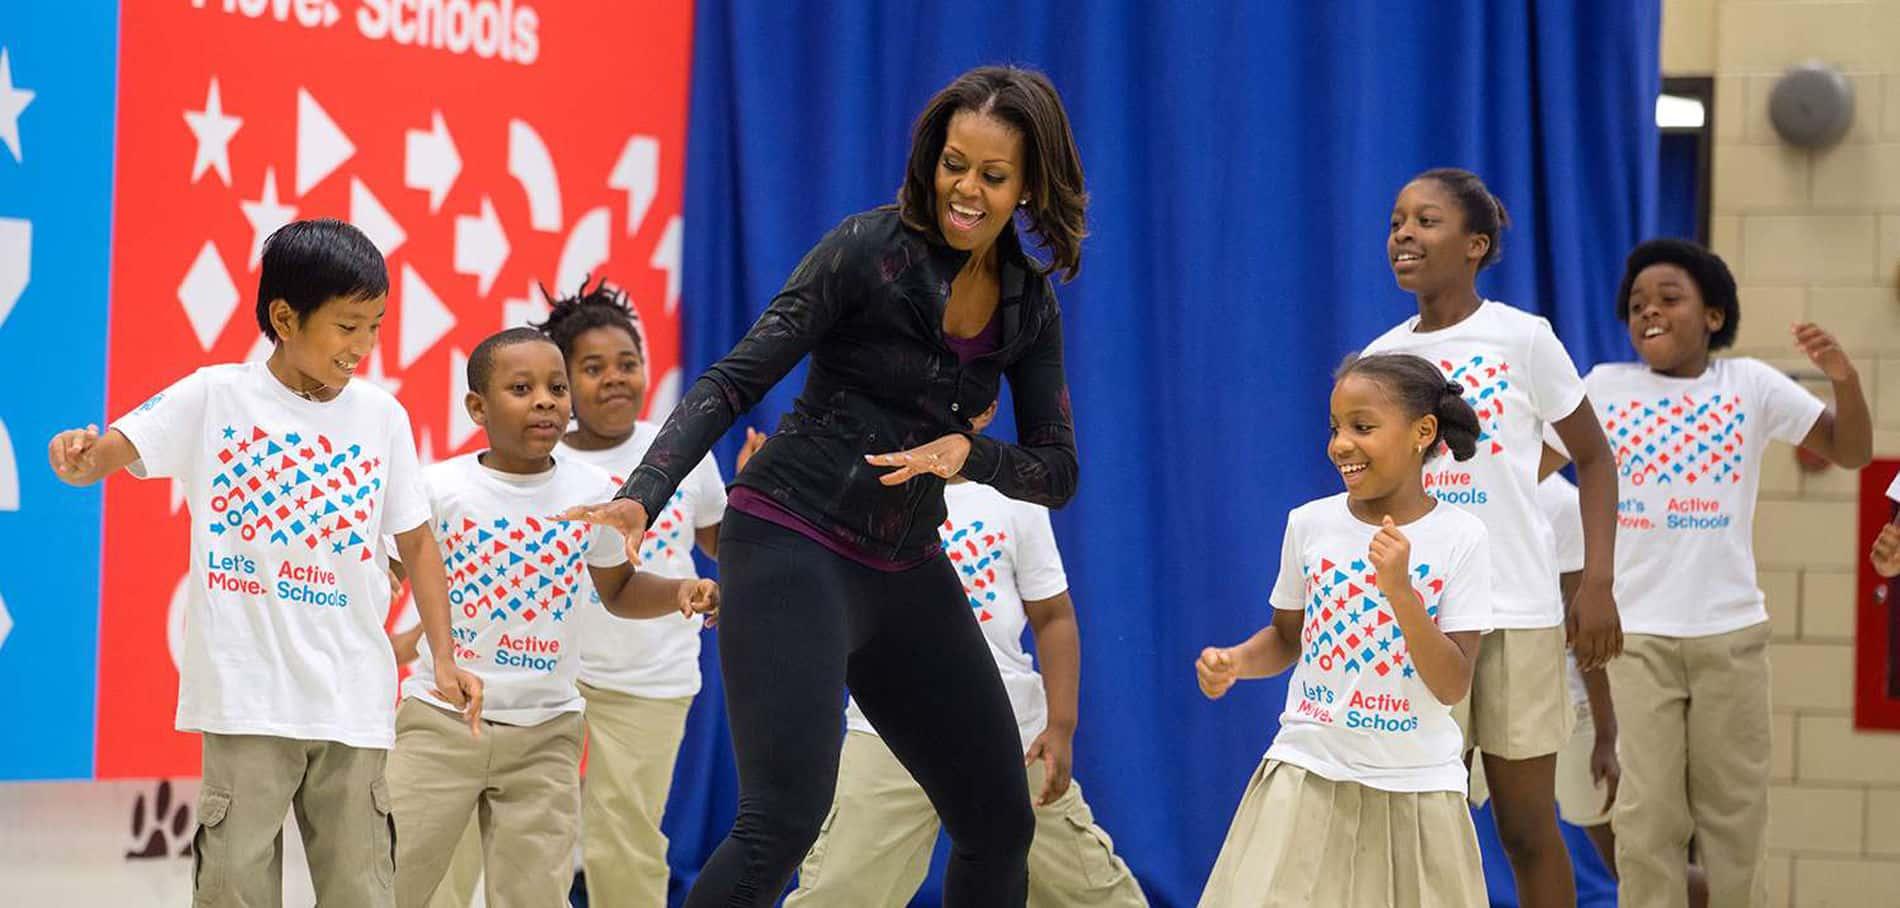 Obésité infantile aux Etats-Unis, quand Trump annule le programme nutritionnel mis en place par Michelle Obama